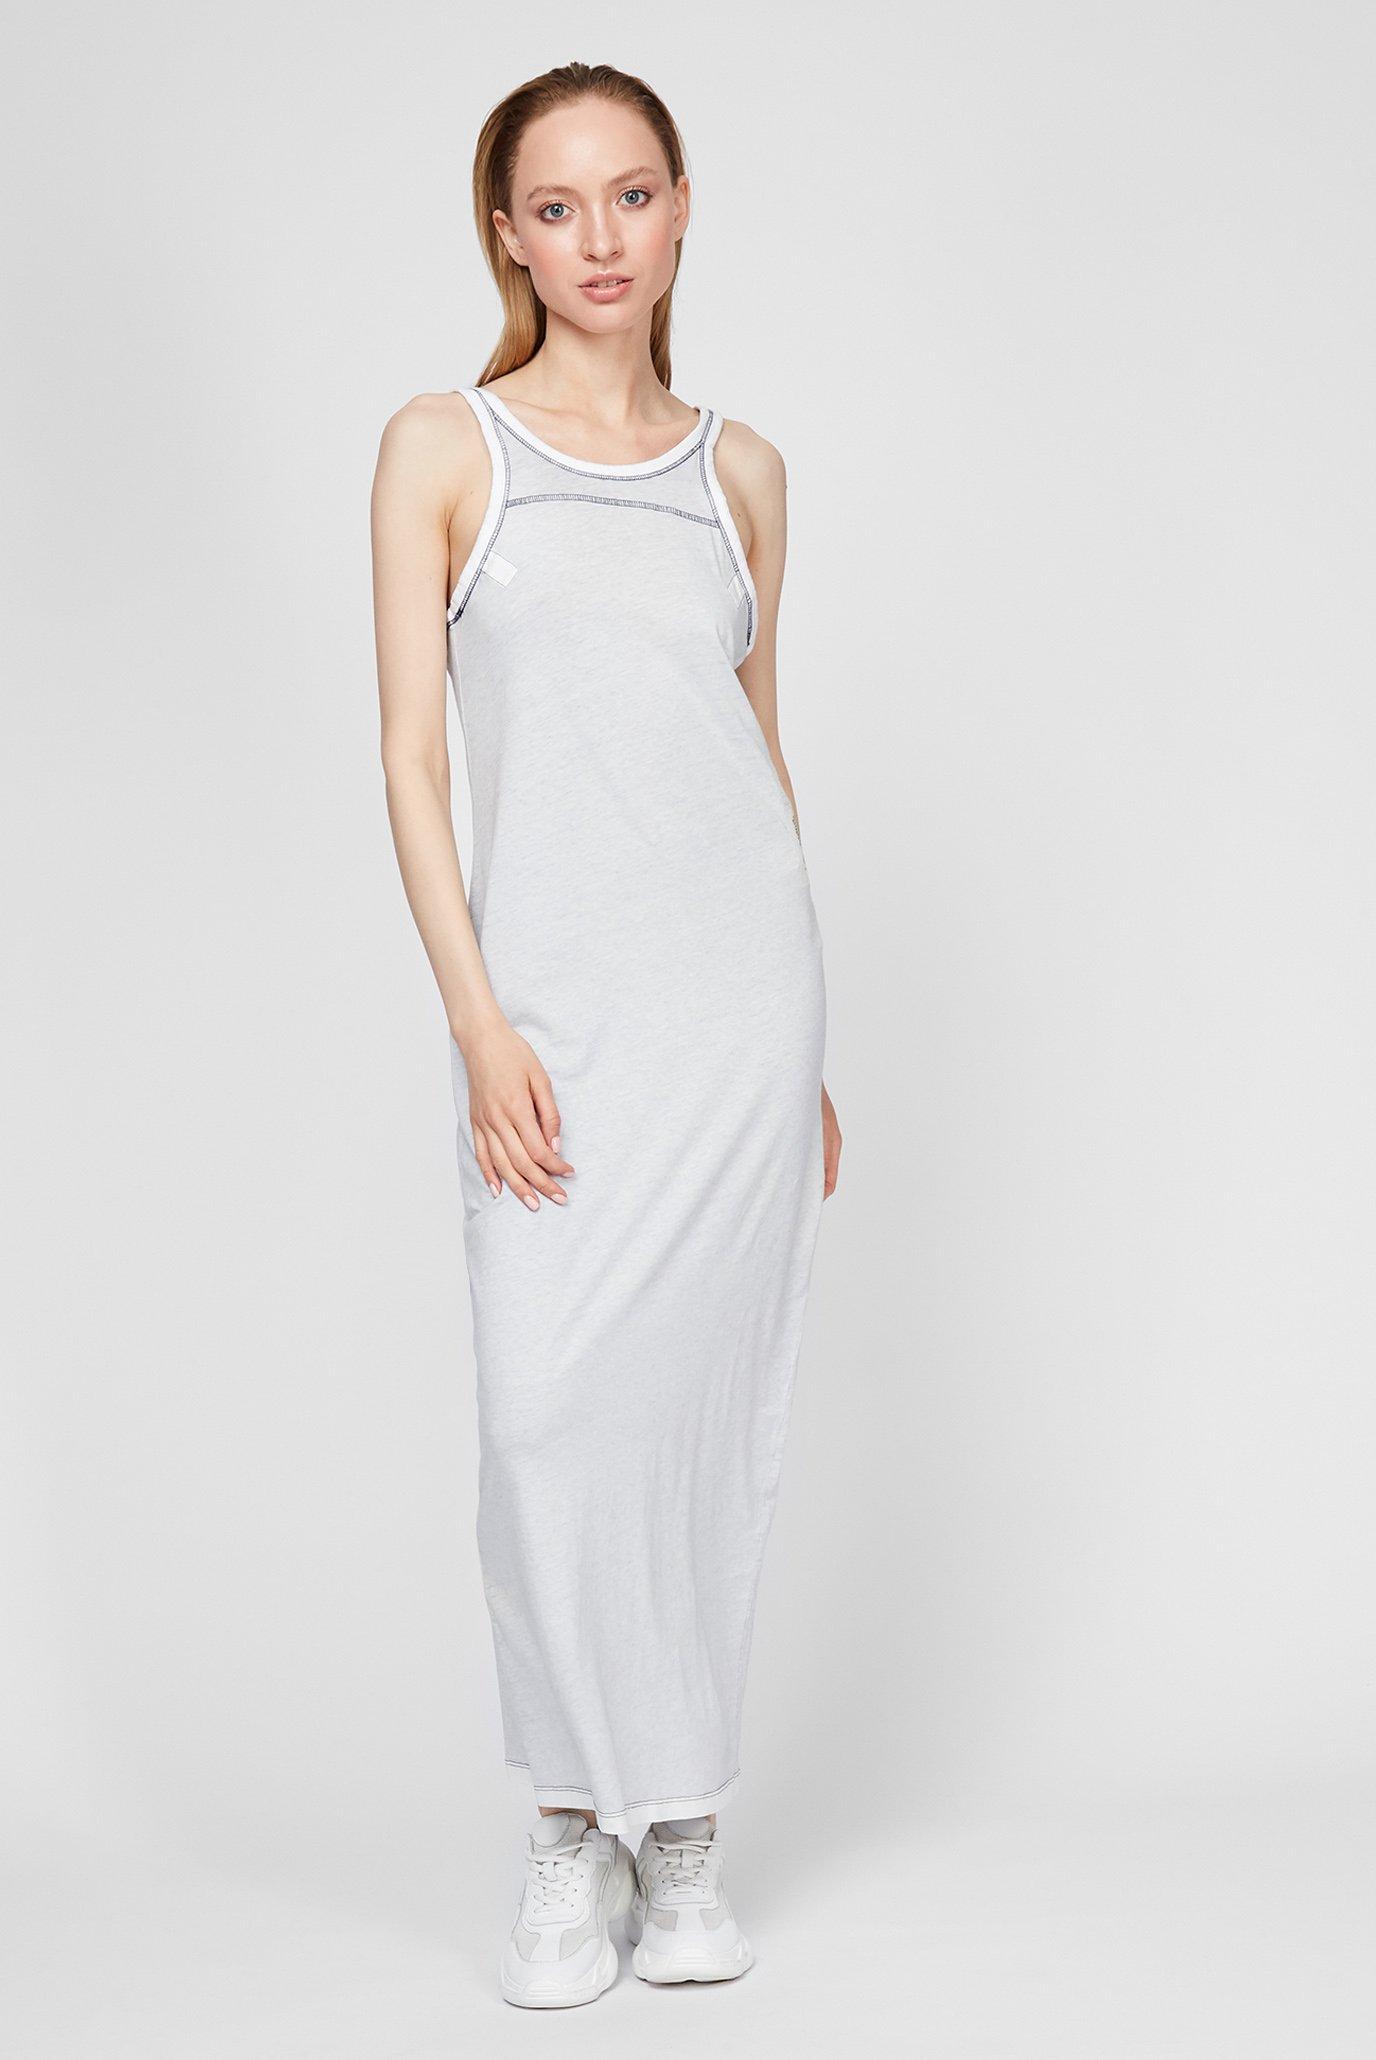 Жіноча сіра сукня Maxi tank top dress 1